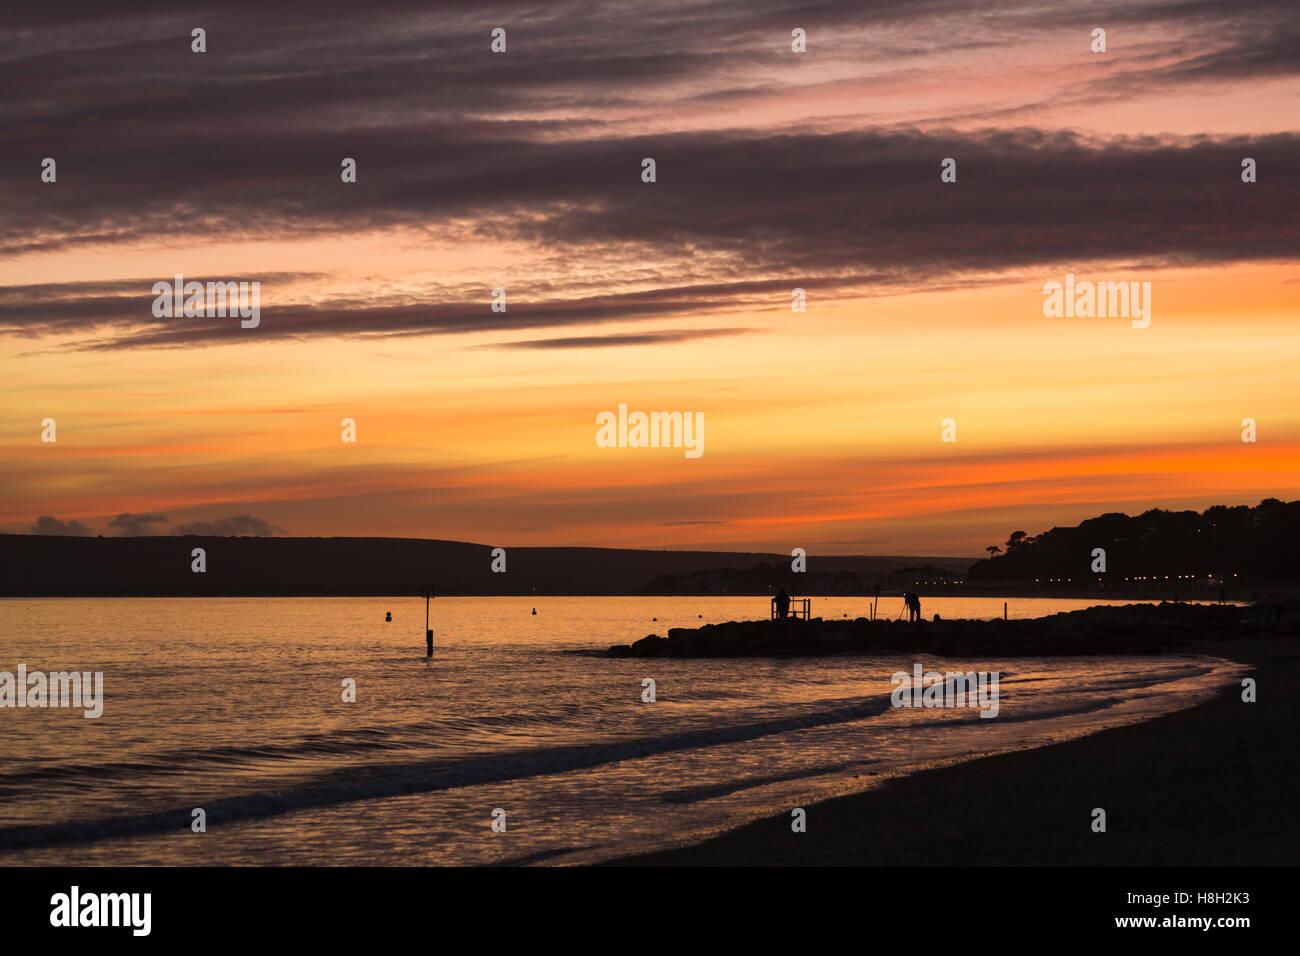 Branksome Chine, Poole, Dorset, UK. 13 November 2016. Stunning sunset looking towards Sandbanks and Poole Credit: - Stock Image